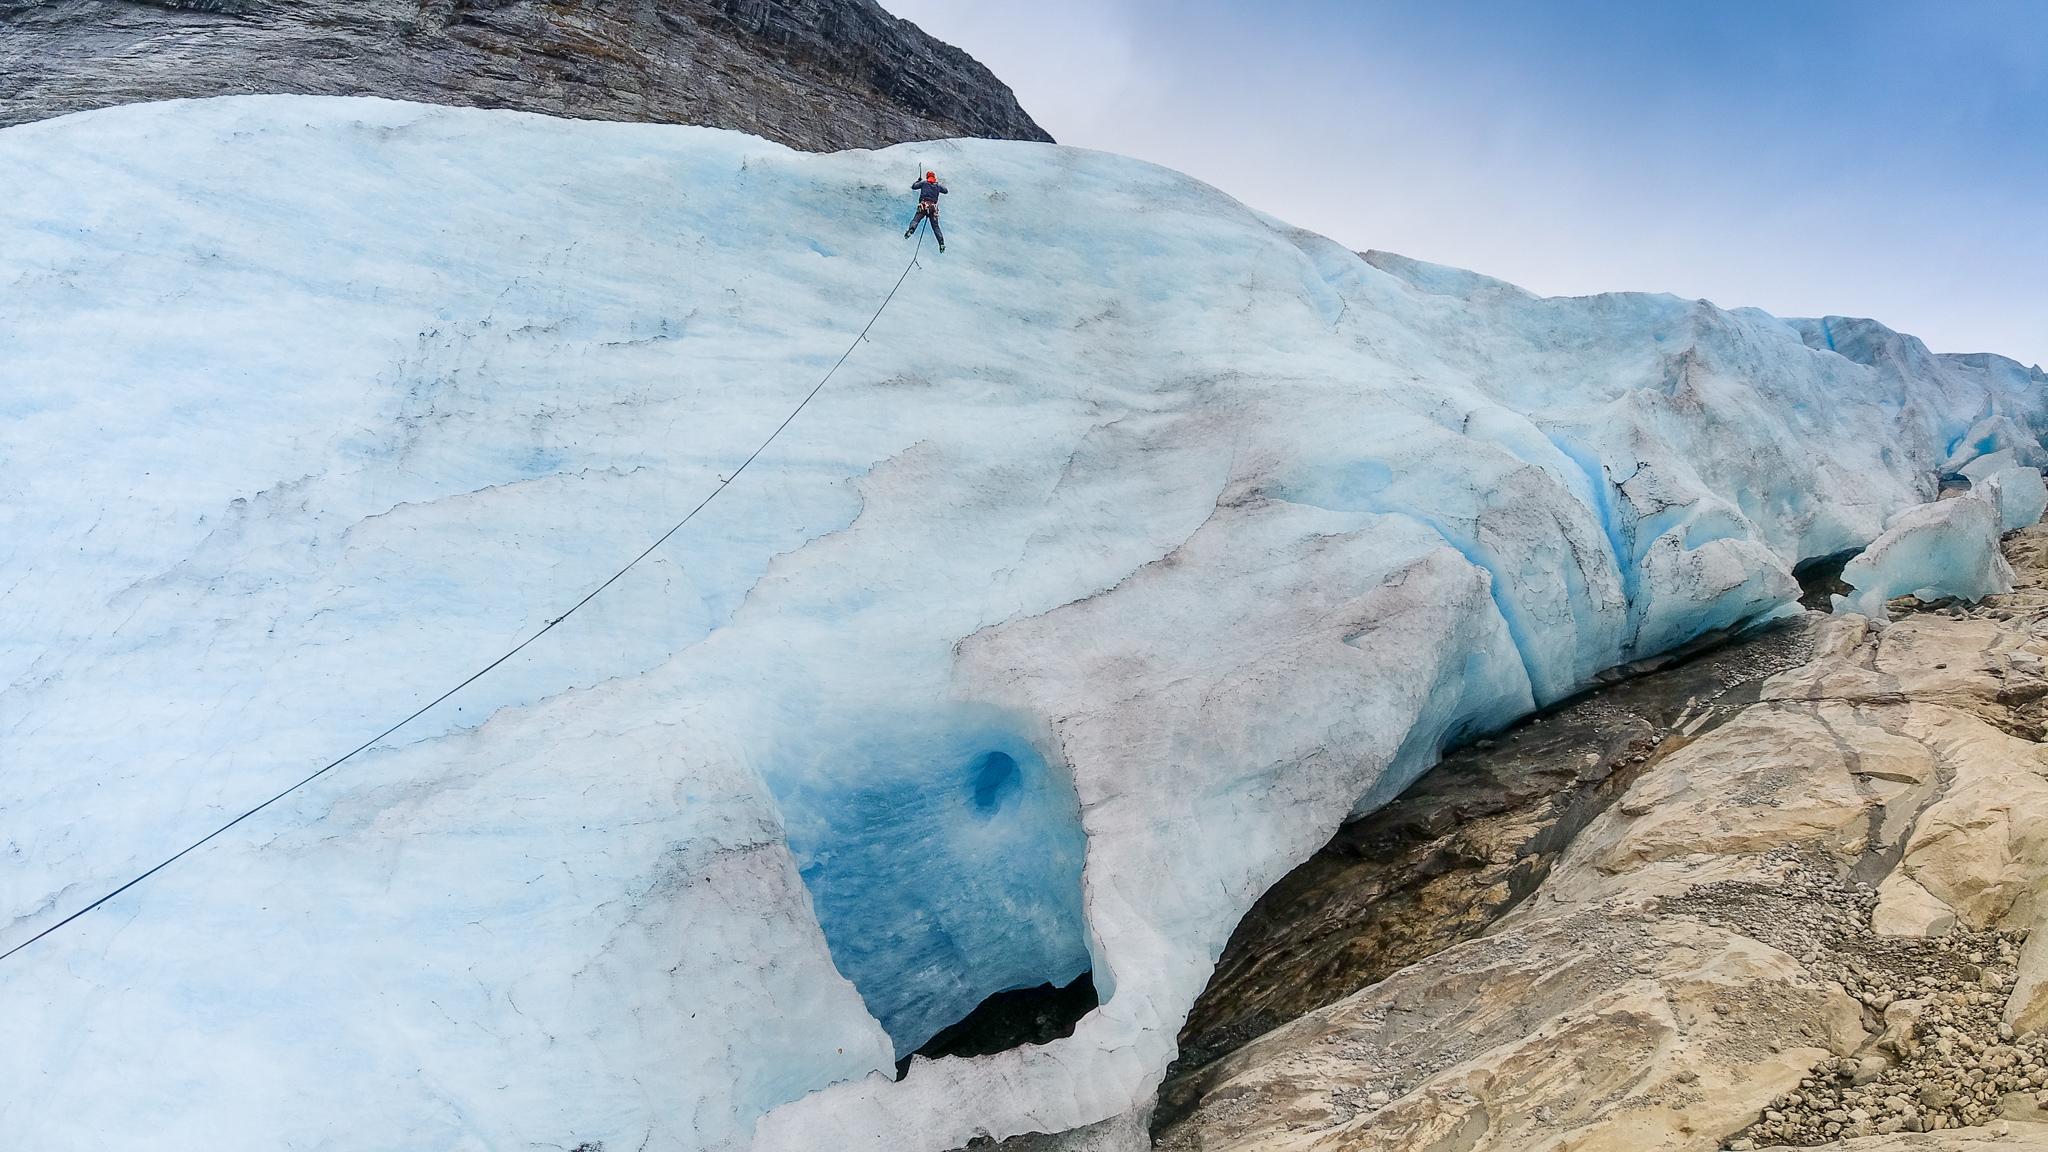 Nedre brefronten på Fåbergstølsbreen er fin å isklatre.